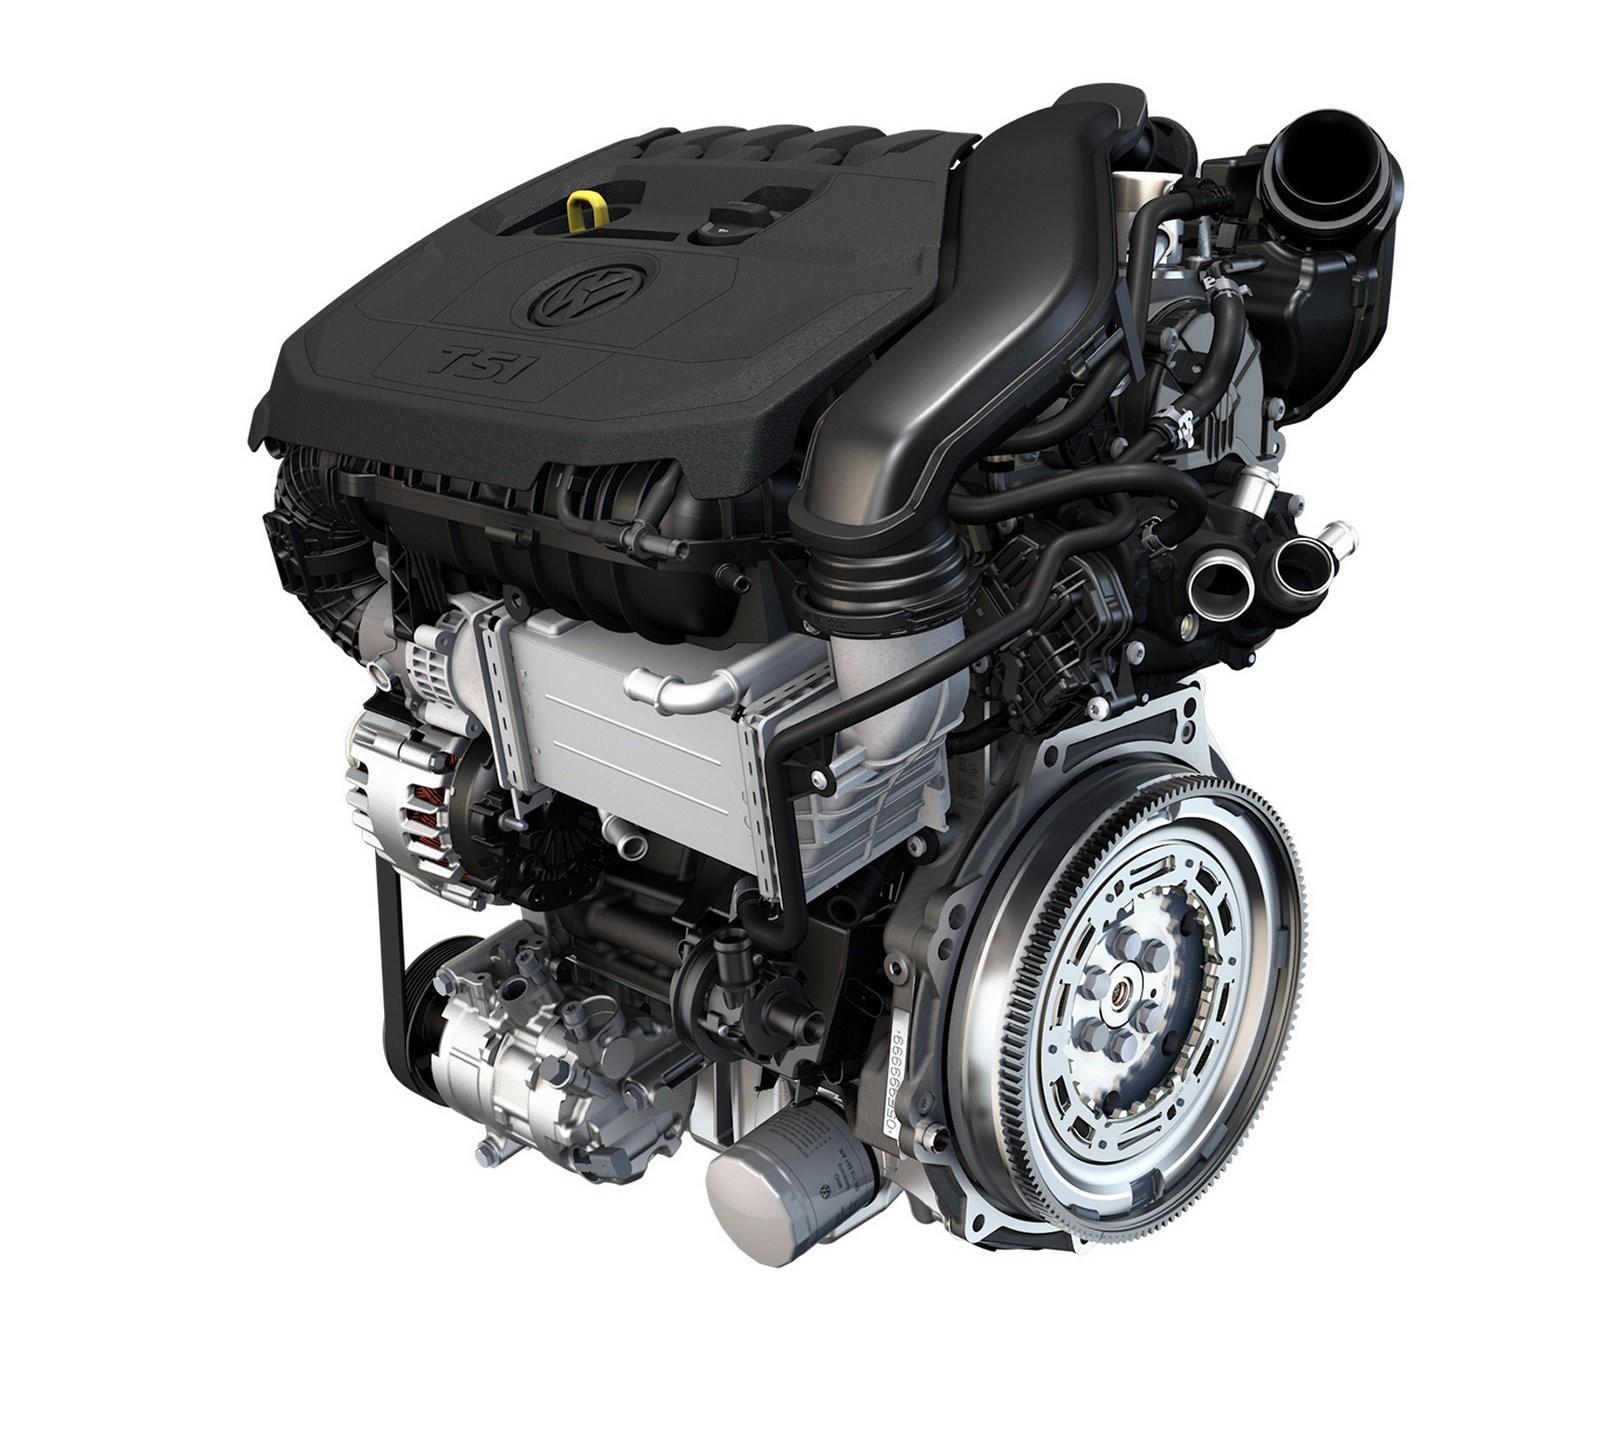 Tsi двигатель: что это такое